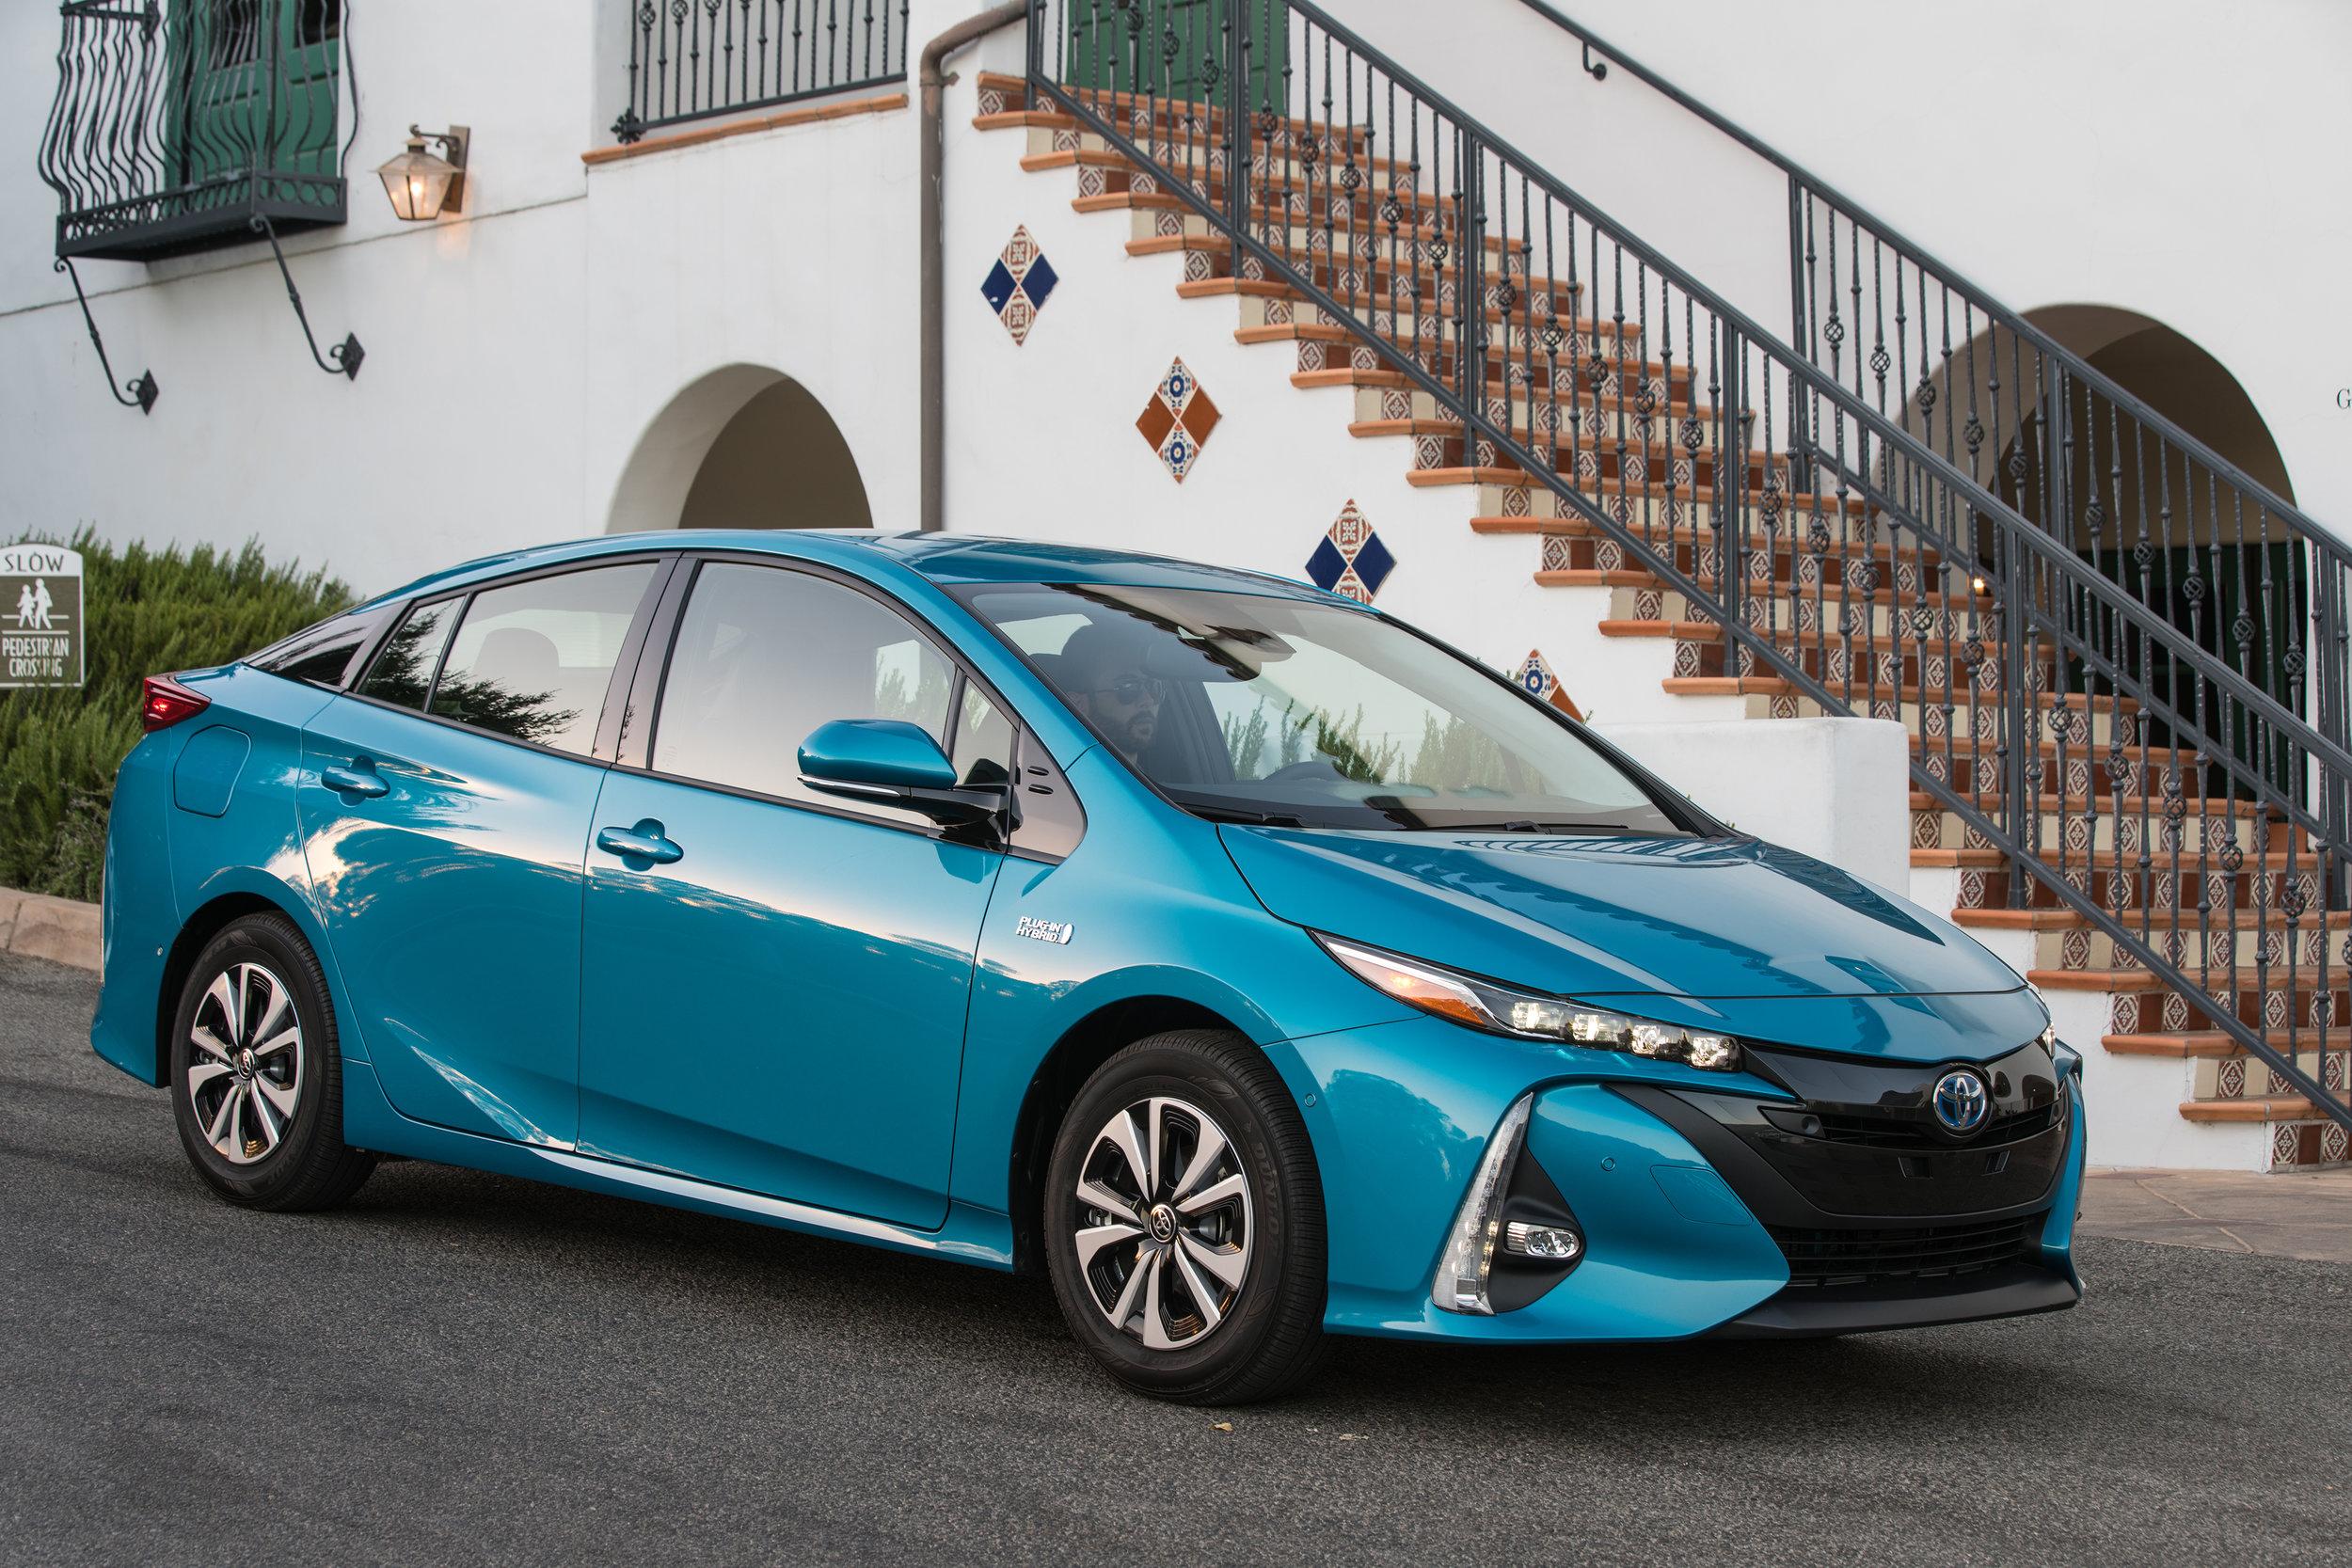 2017_Toyota_Prius_Prime_Advanced_012_618A2F6C7723B89EA27F1D170575E2714C25E6F0.jpg